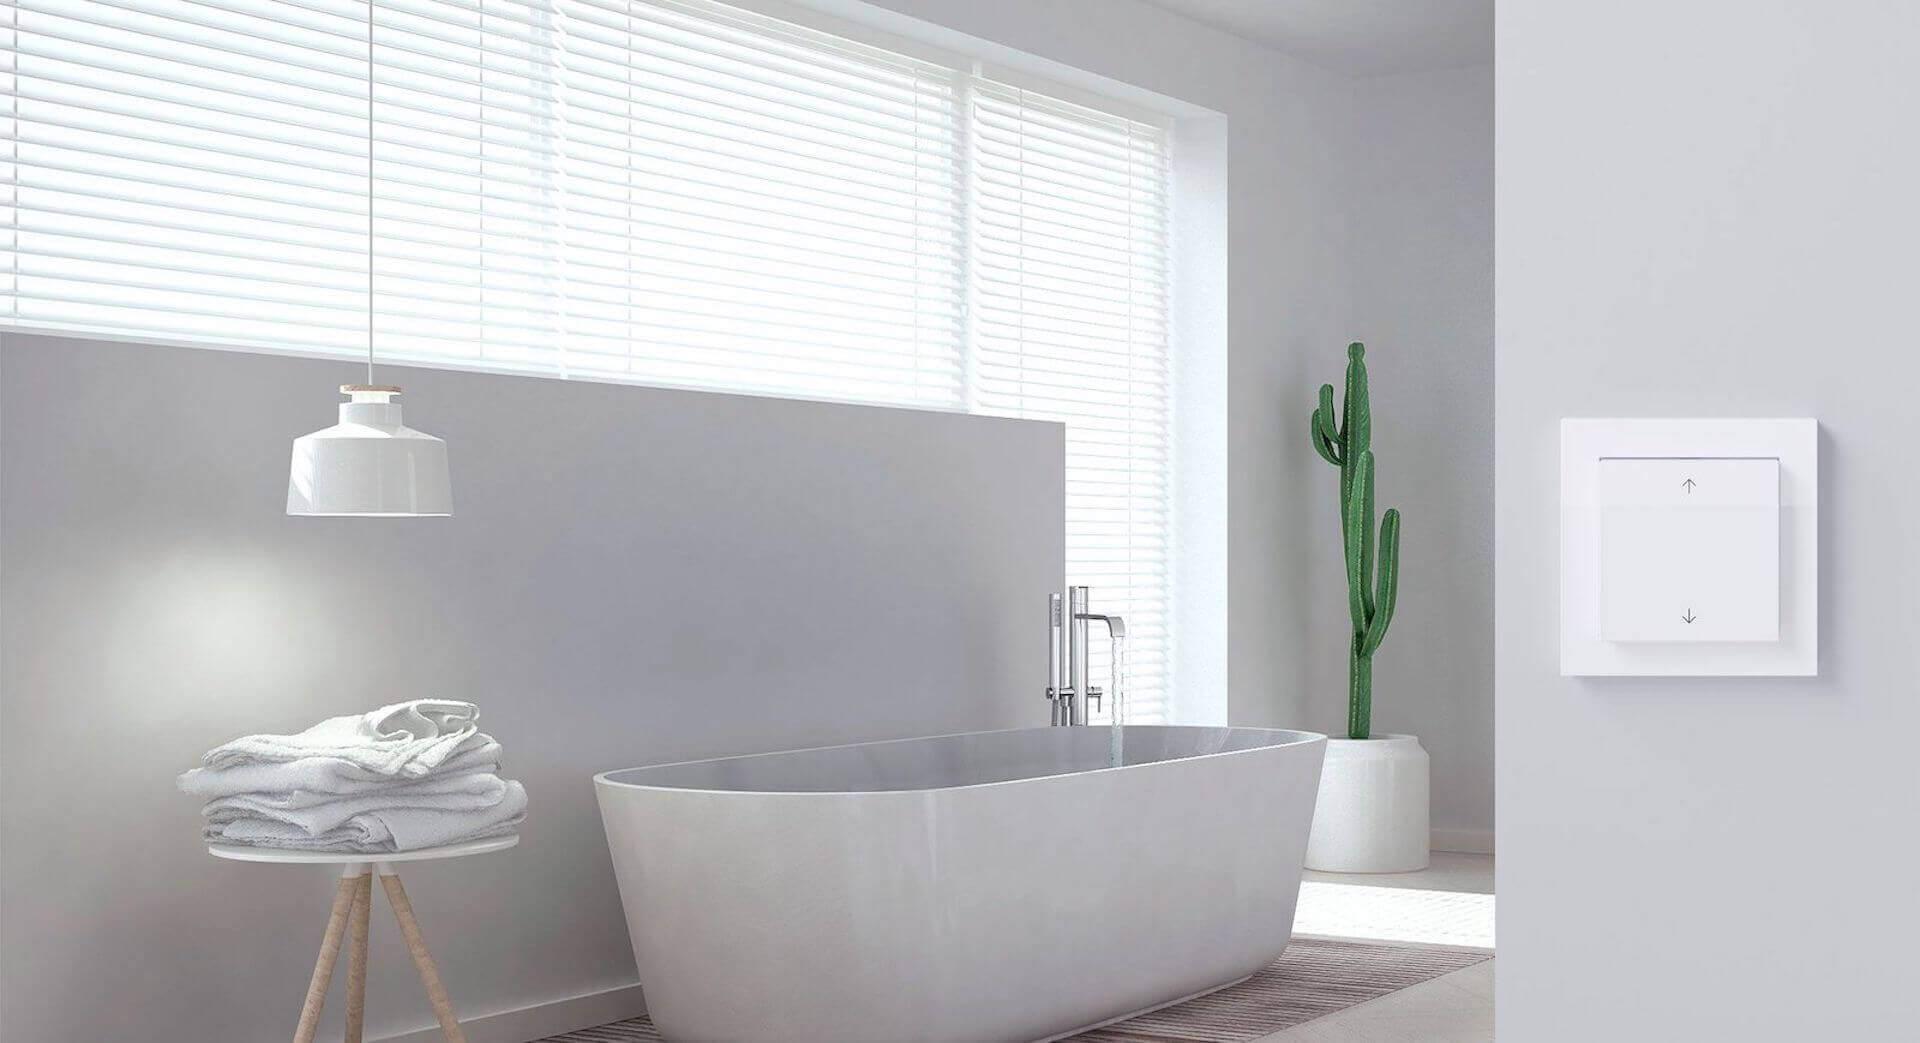 Gira Jalousiesteuerung im Bad